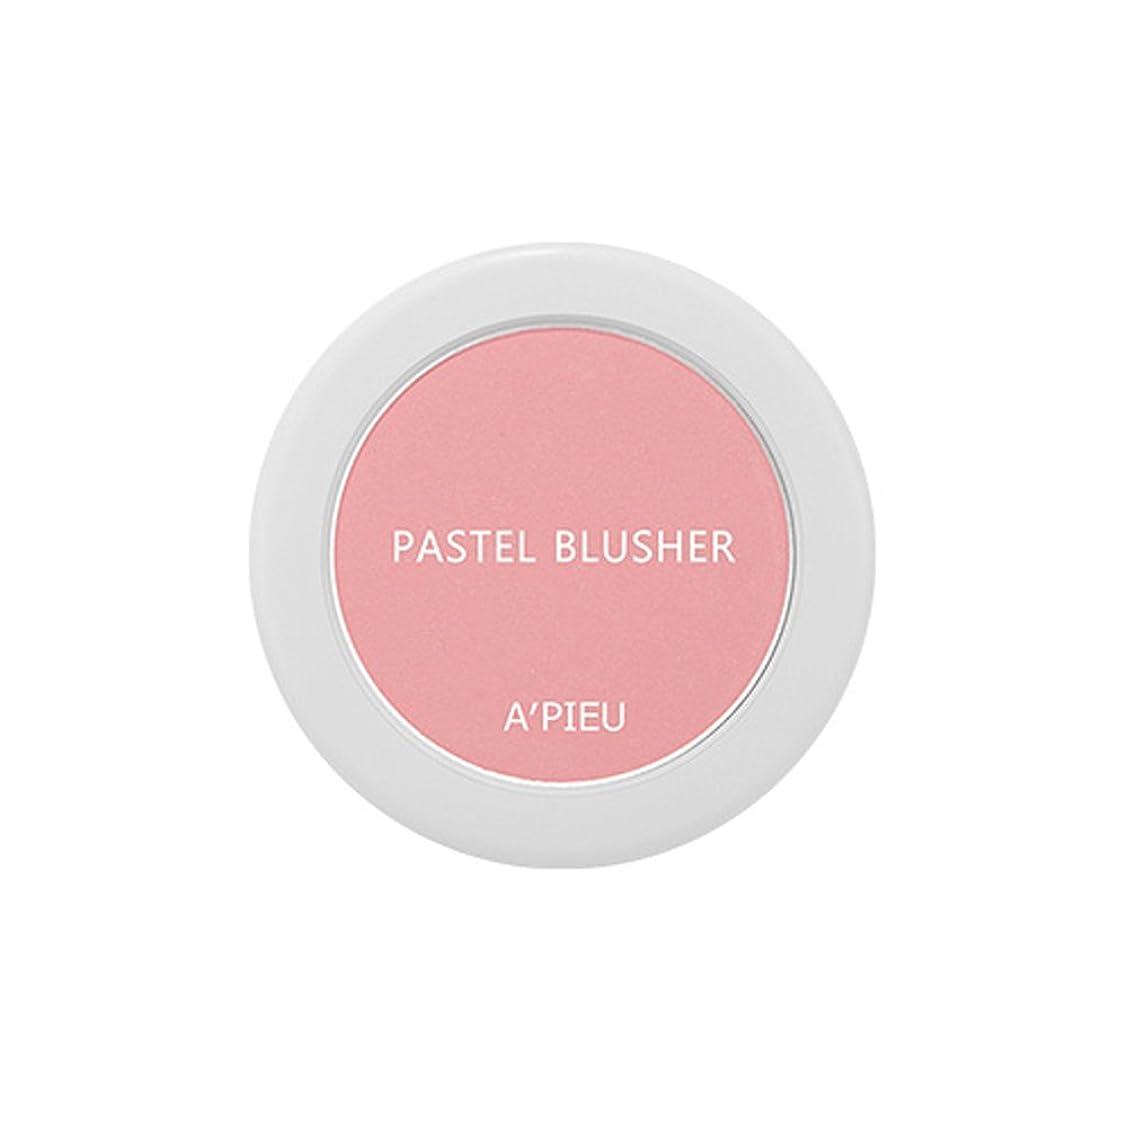 ましい宗教的な本気[オピュ/APIEU] パステルブラッシャー/Pastel Blush #PK03